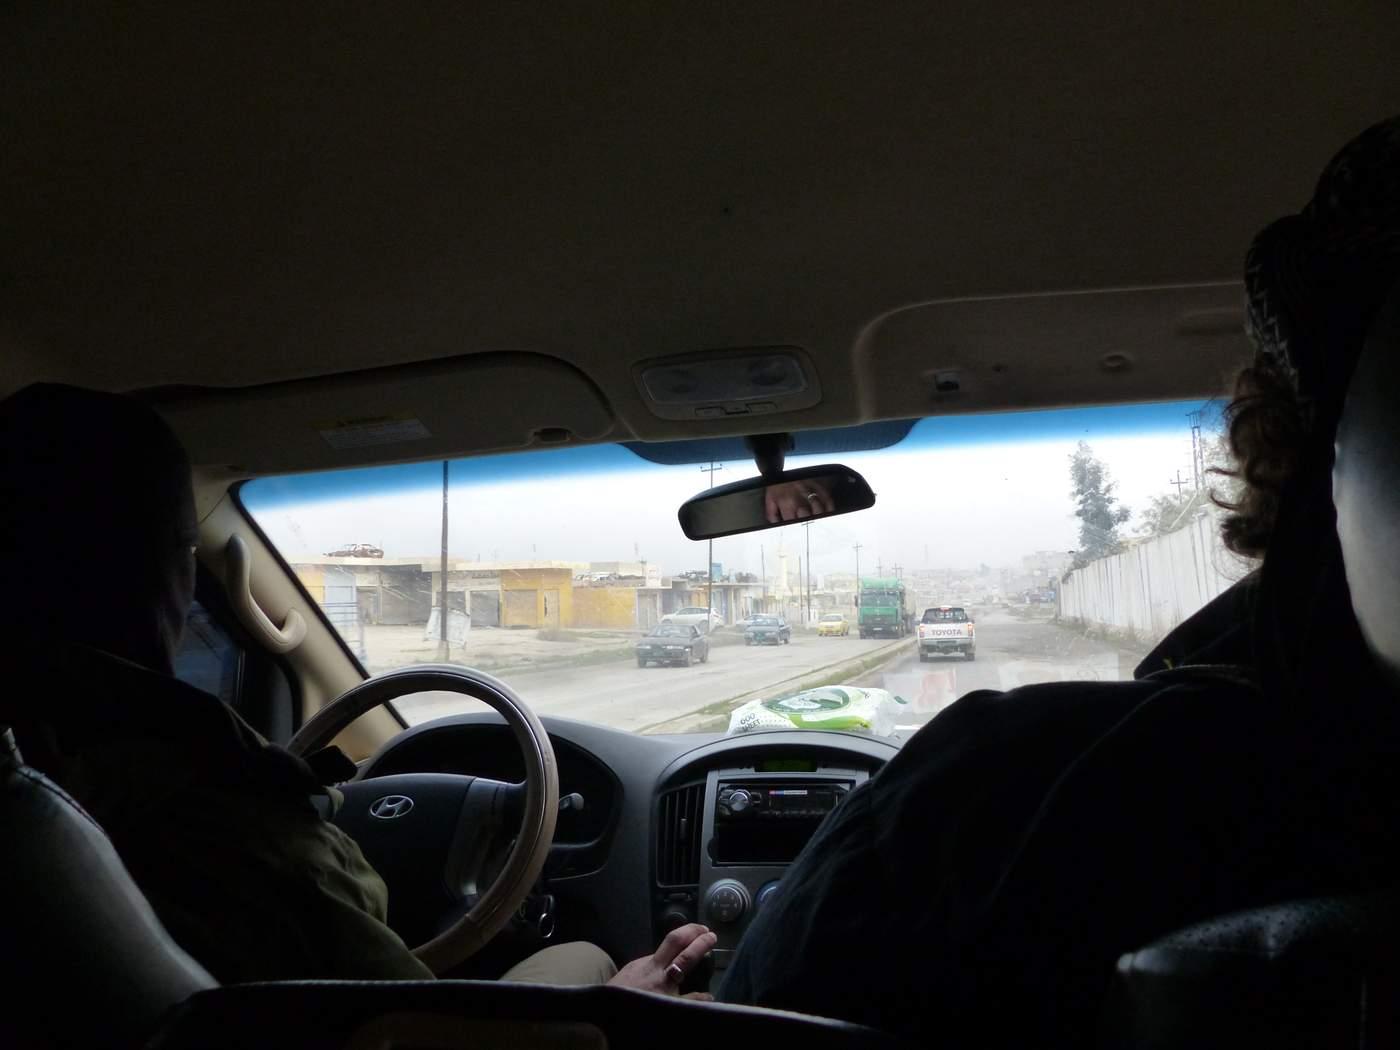 جلاد بیرحم داعش، راننده شخصی روزنامهنگار آلمانی در رقه!+ تصاویر